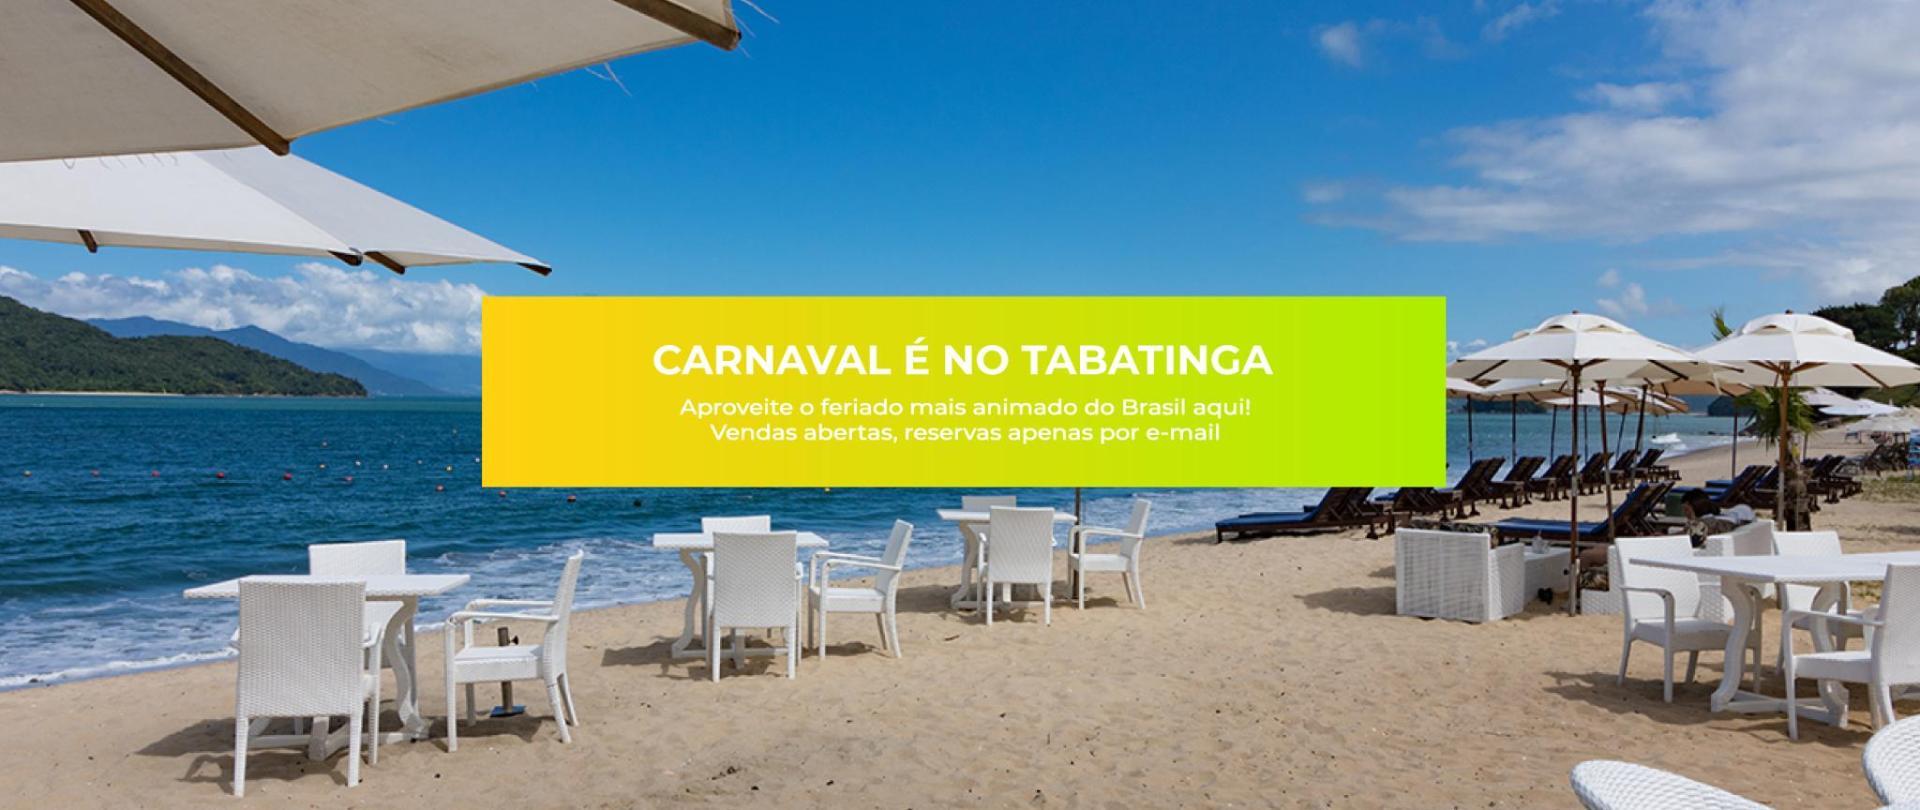 Carnaval-Capa.png